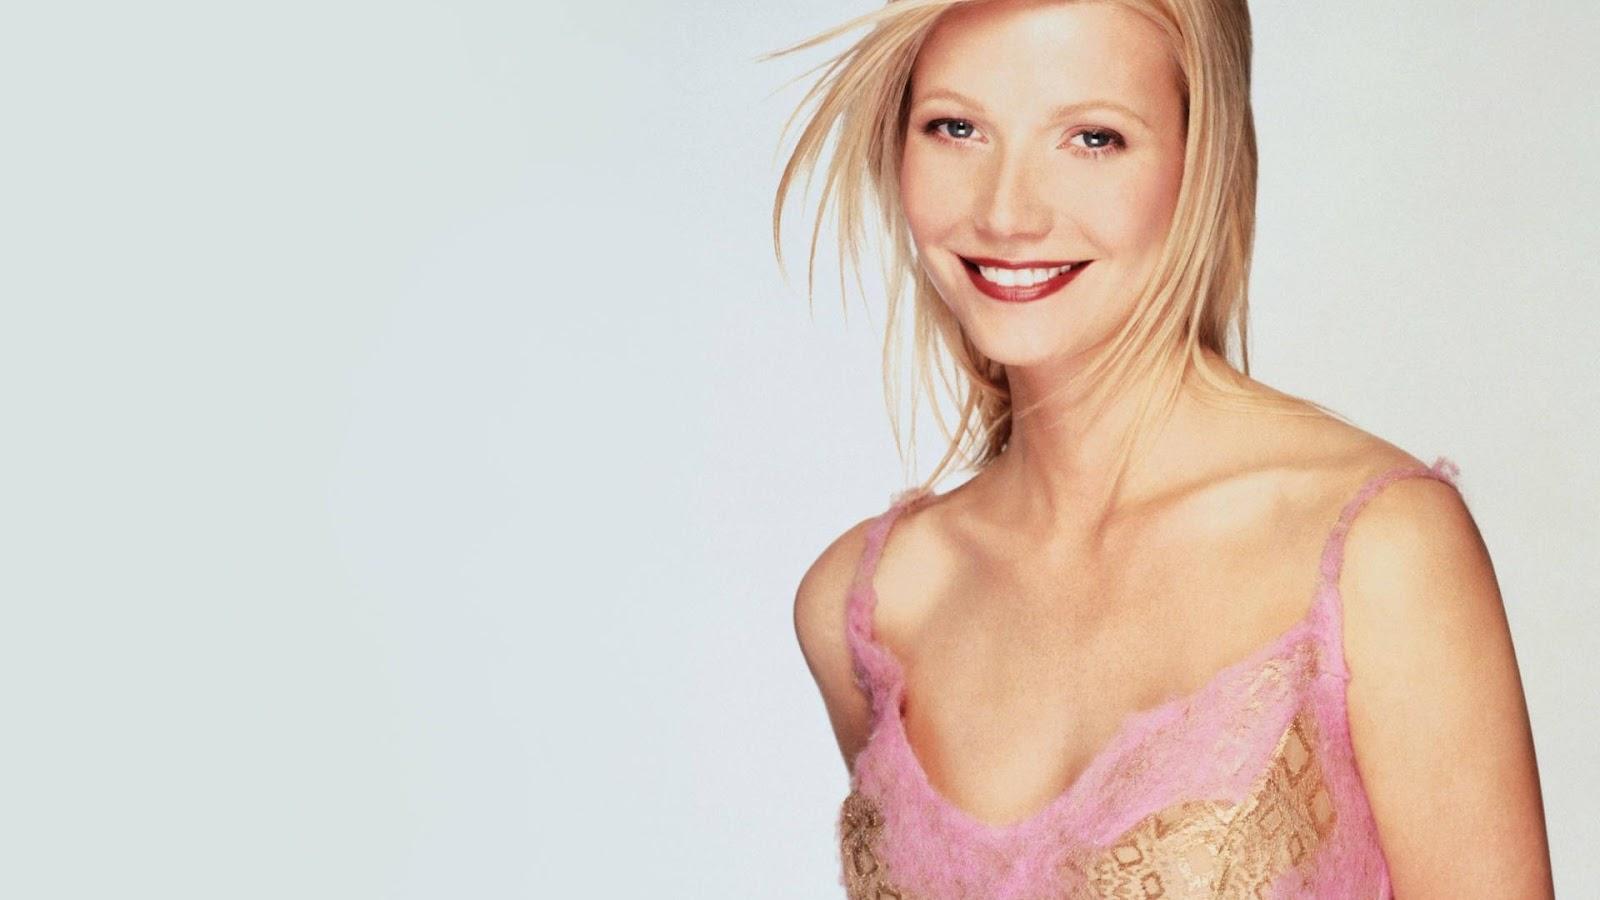 http://2.bp.blogspot.com/-eualBl8XrTc/UAvICSVitQI/AAAAAAAAAnU/Q_NtSZaUVEw/s1600/Gwyneth-Paltrow-Windows-Wallpapers-gwyneth-paltrow-hd-1920x1080.jpg